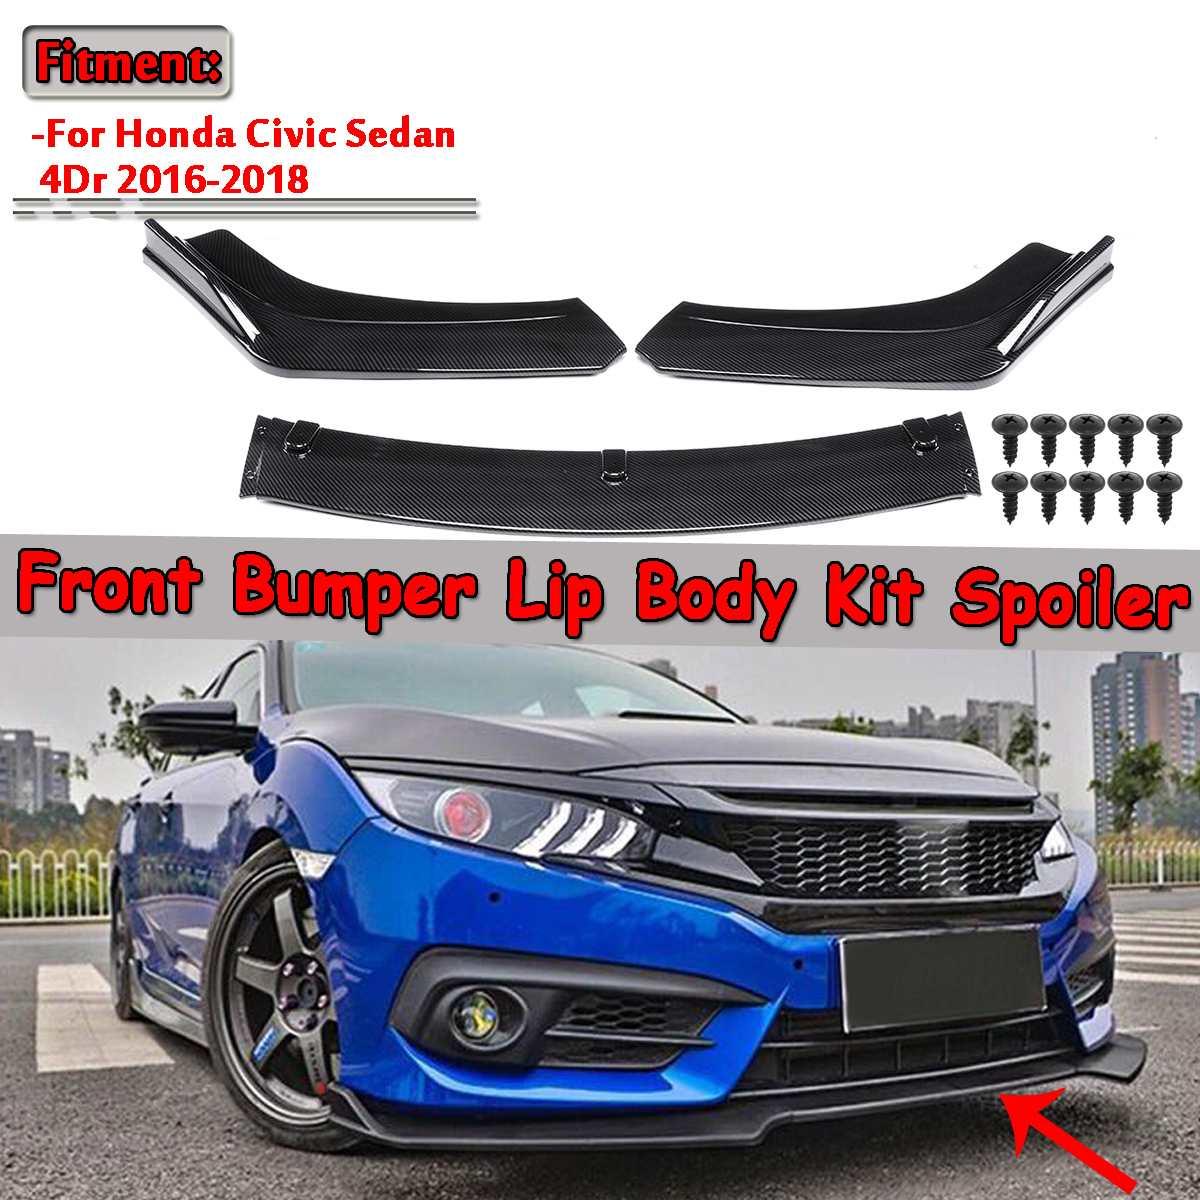 3 sztuka wygląd włókna węglowego/czarny samochód przedni dolny zderzak dyfuzor spojler ciała zestaw do hondy dla Civic Sedan 4Dr 2016 2017 2018